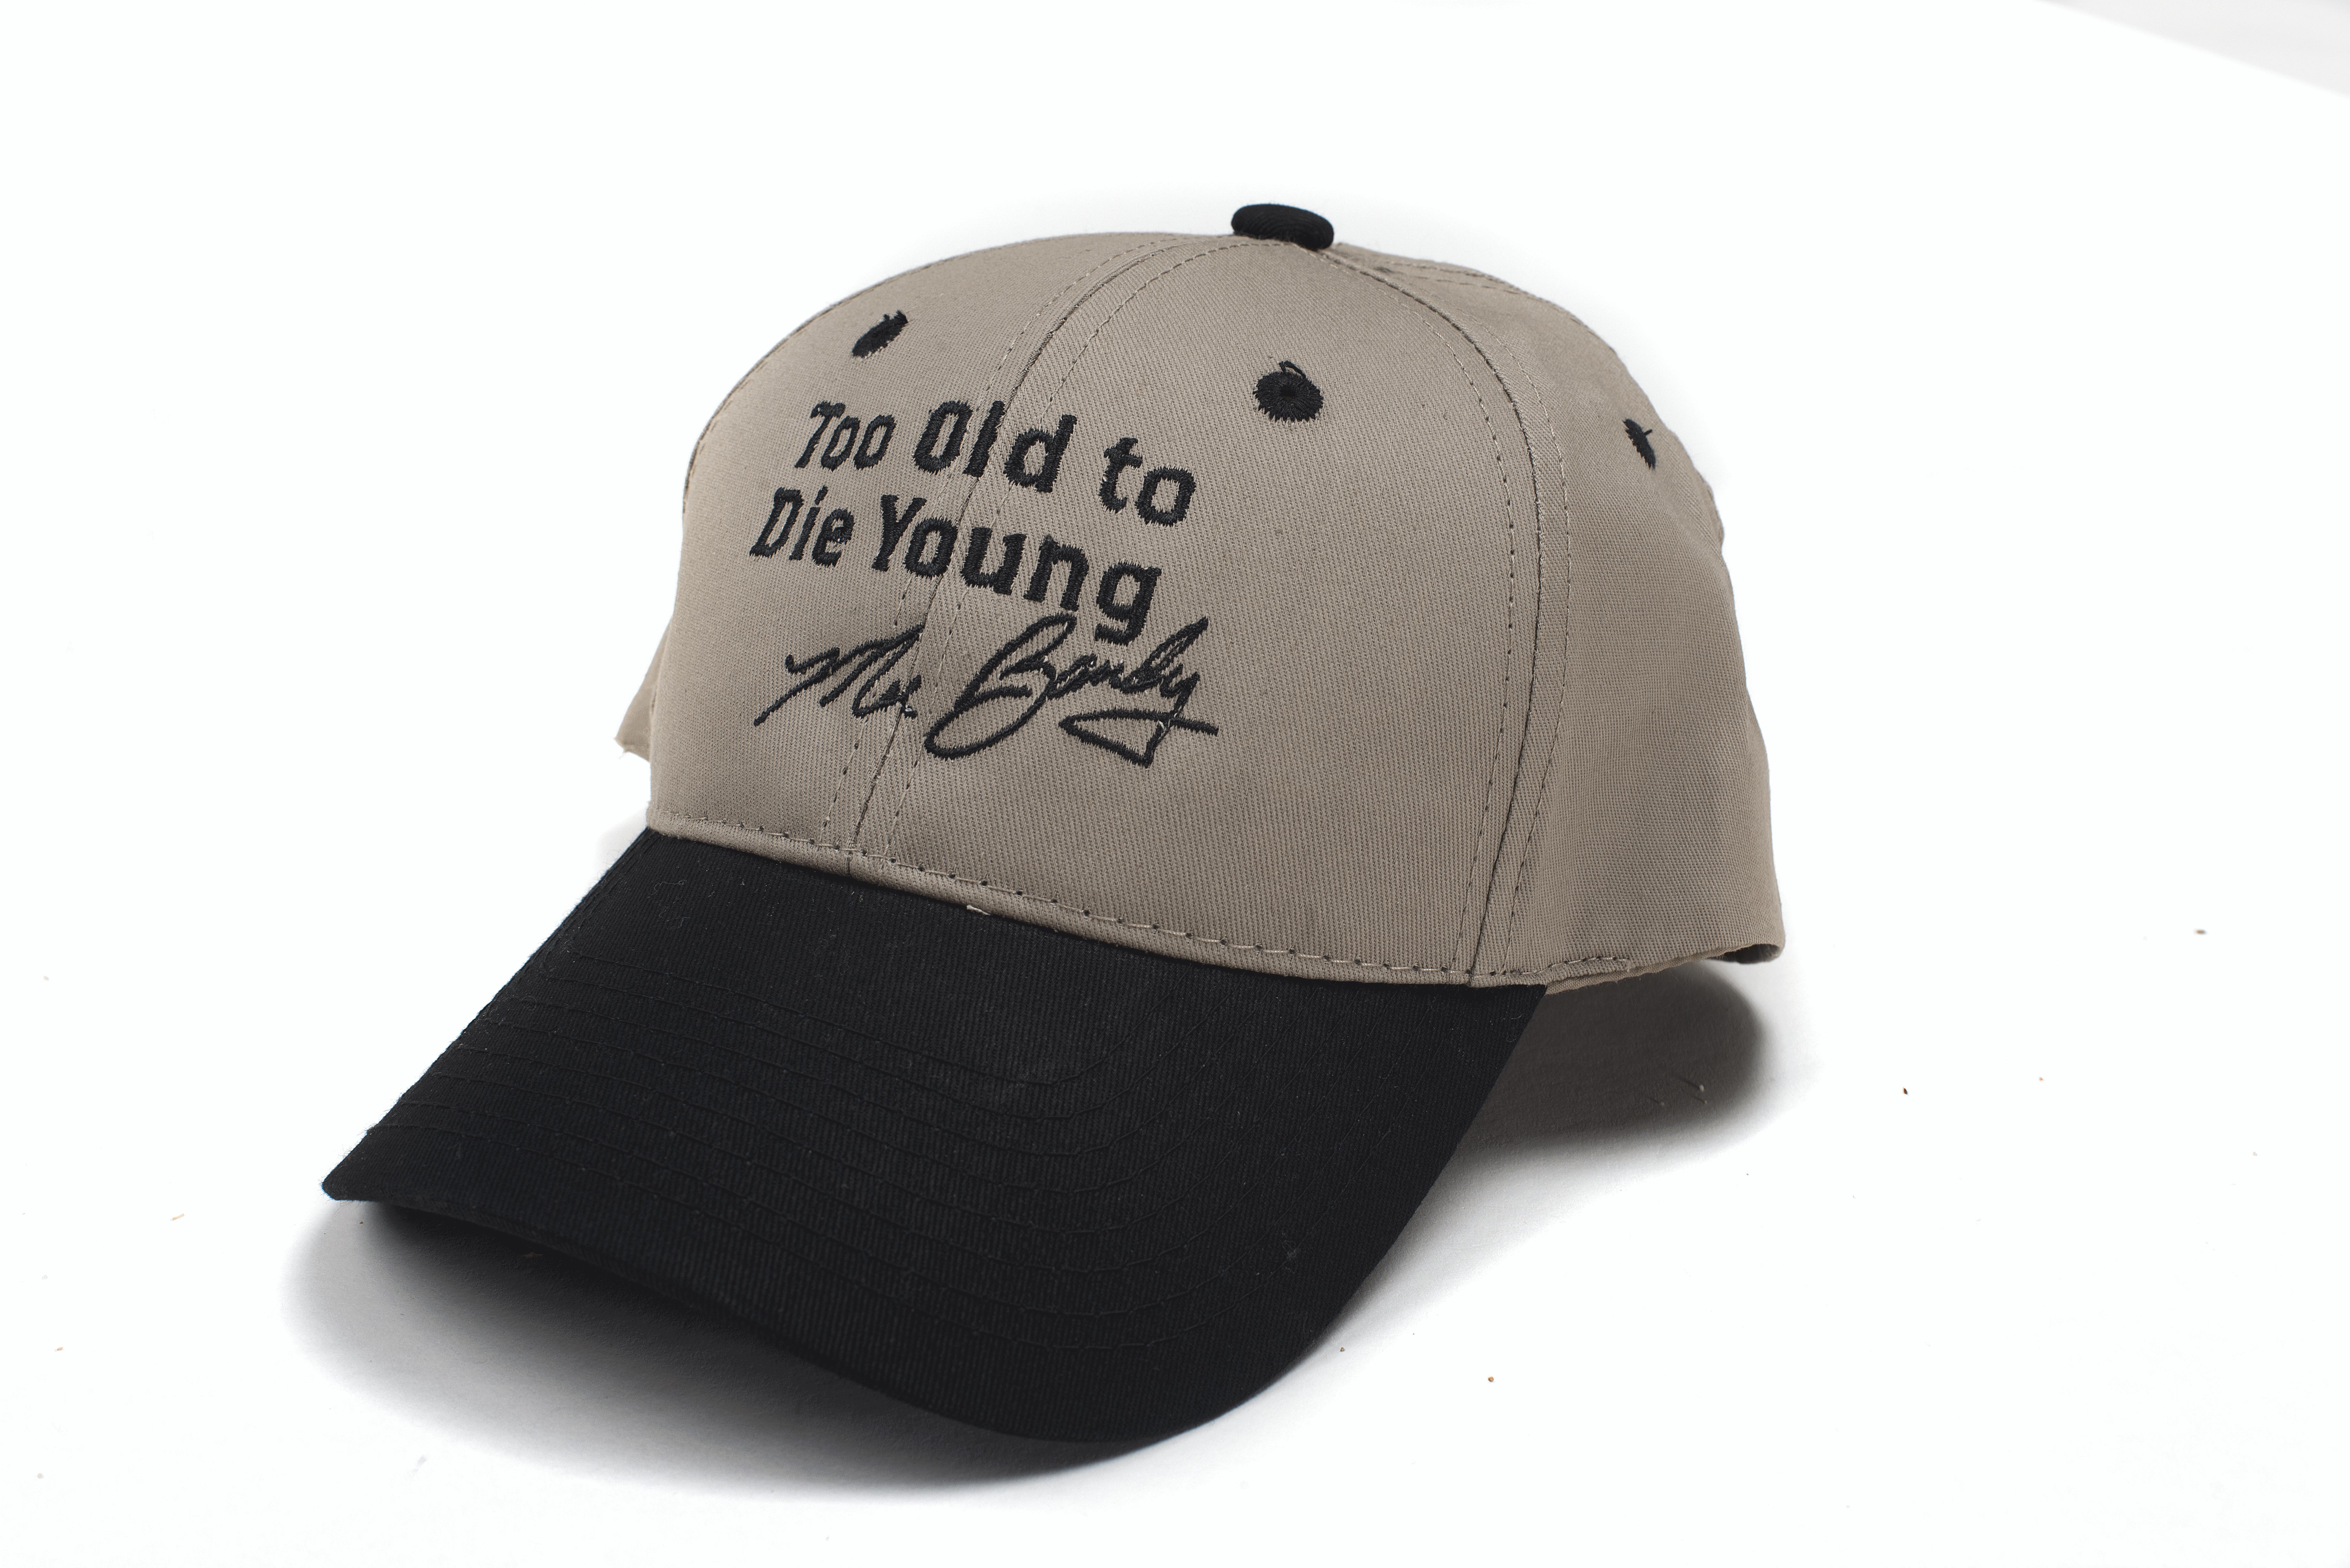 Moe Bandy Baseball Cap - Moebandy ed43f1cd4e8